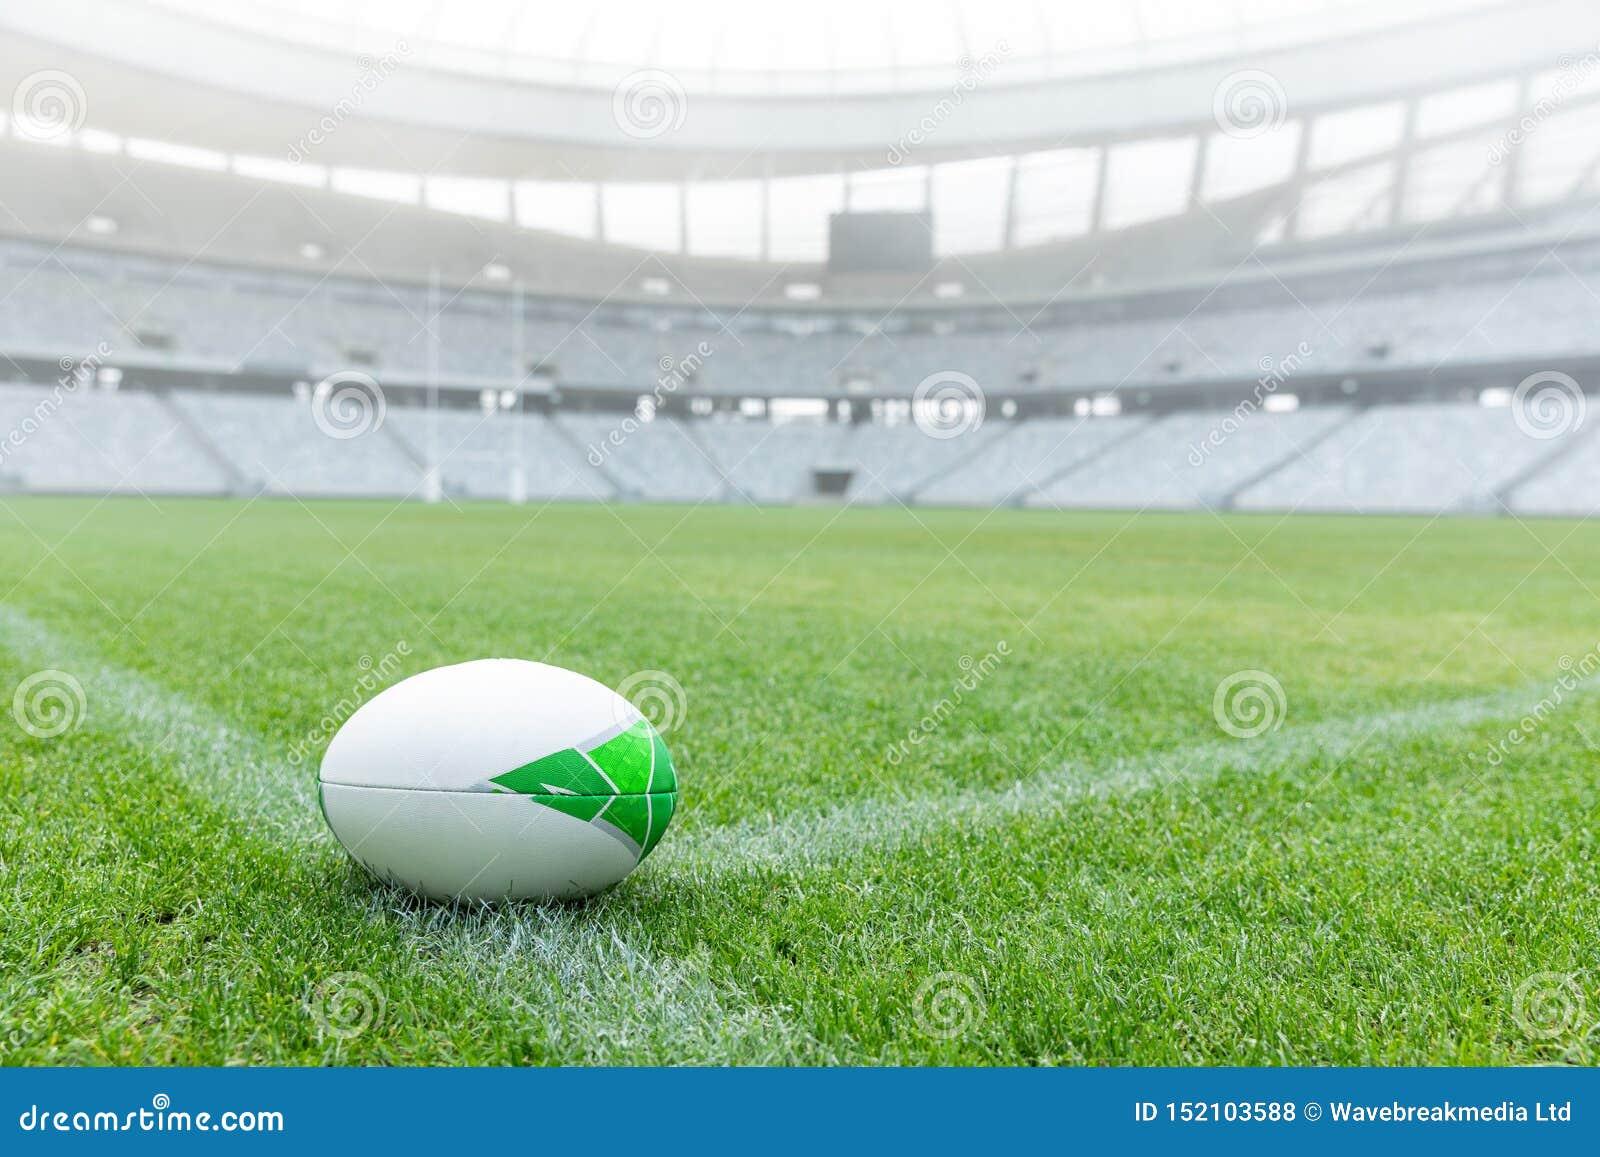 Bola de rugby em uma grama no estádio